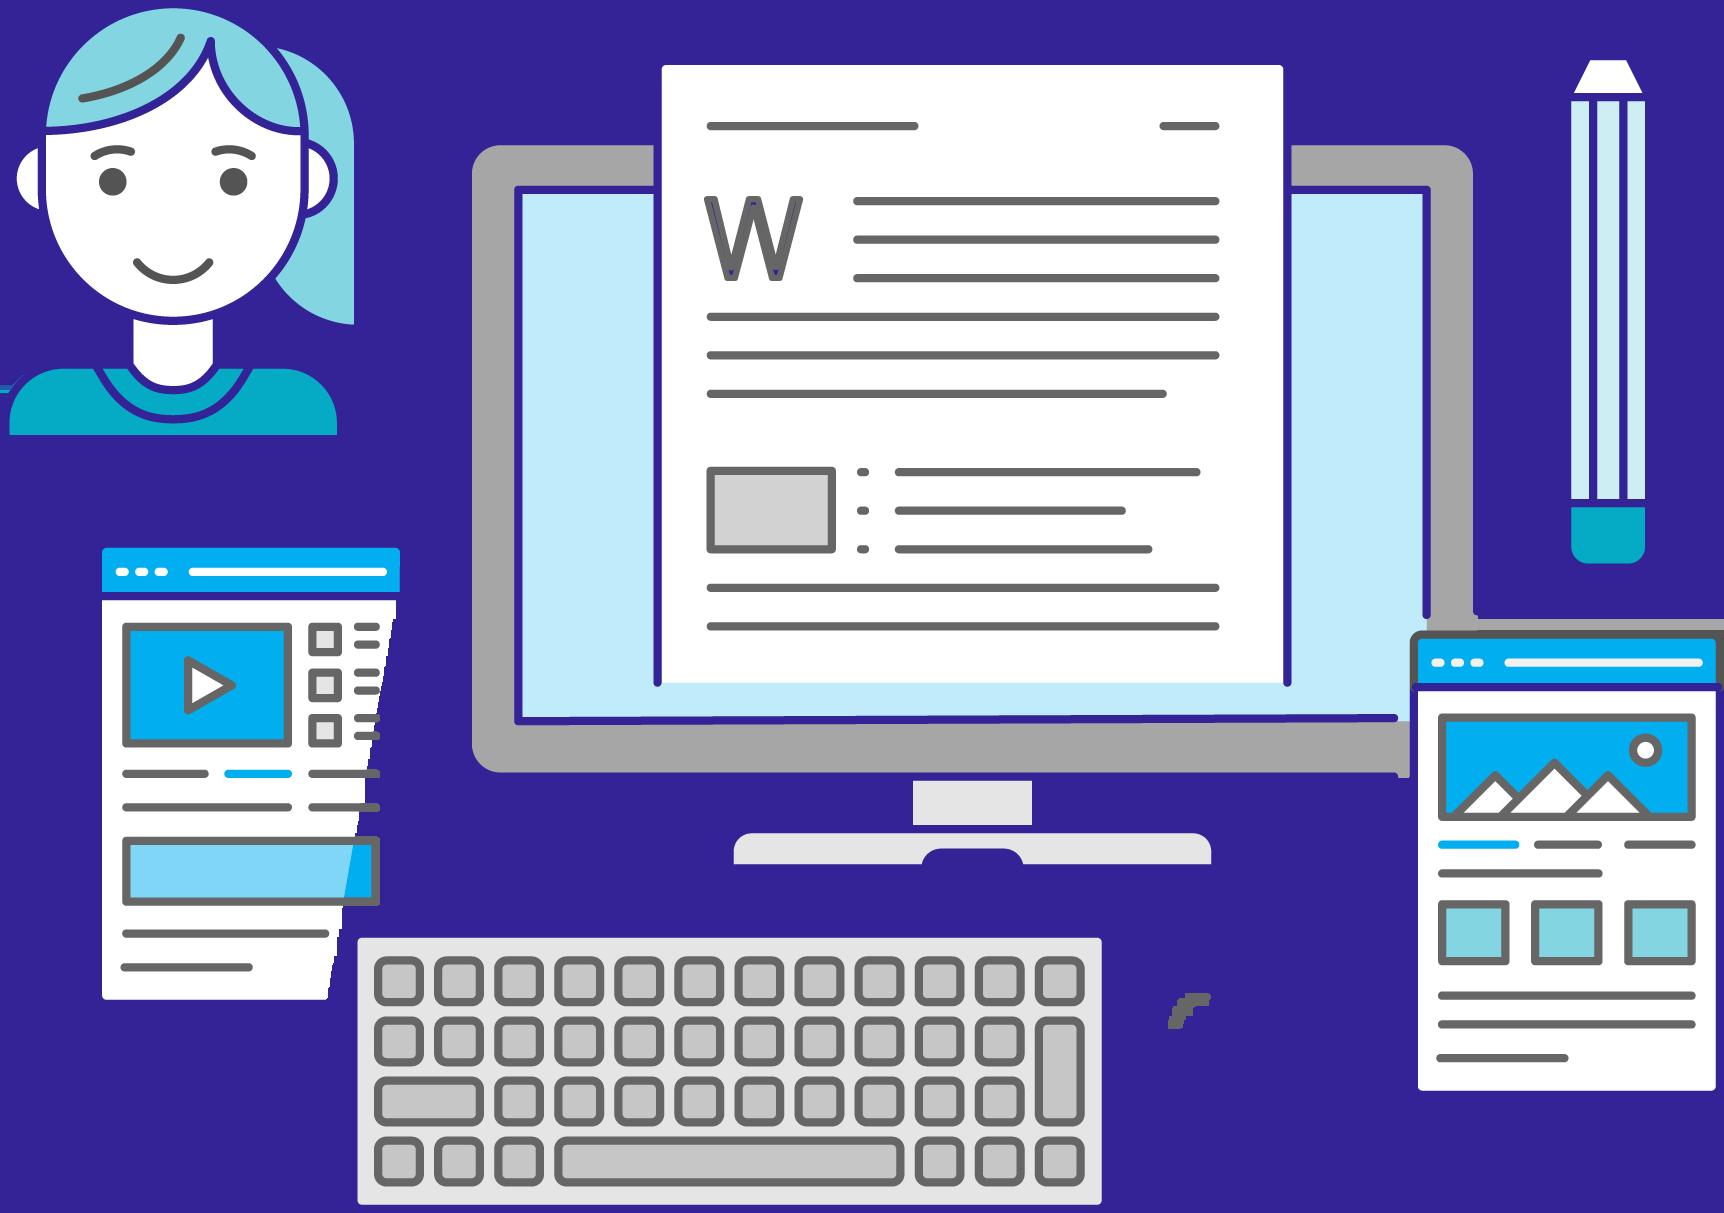 blogger.com essay writer service